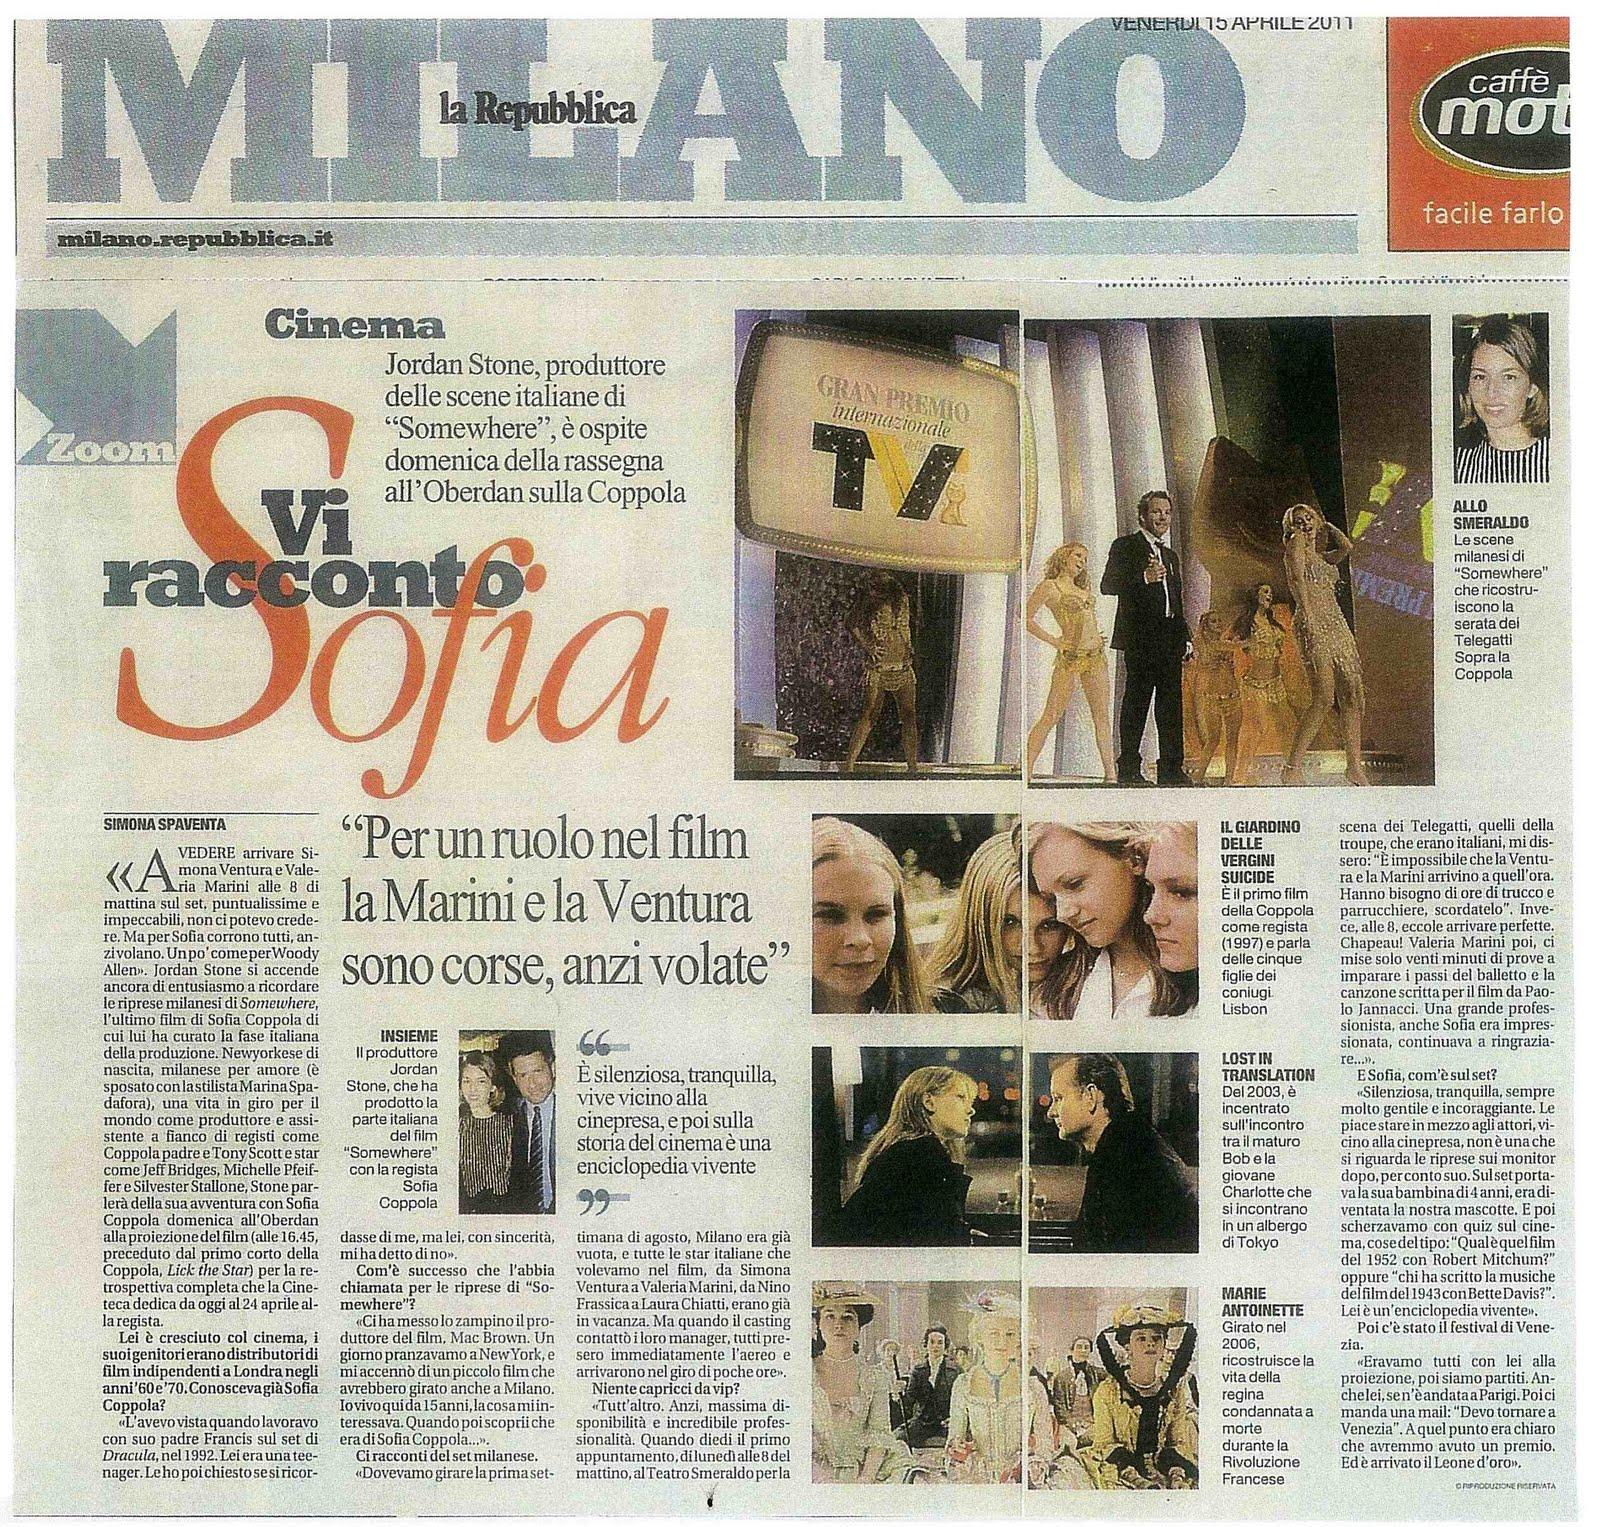 http://1.bp.blogspot.com/-u4Dx_9H48vU/TdVrMEZz7NI/AAAAAAAAADc/0SPEsbJGTTM/s1600/La+Repubblica+small.jpg